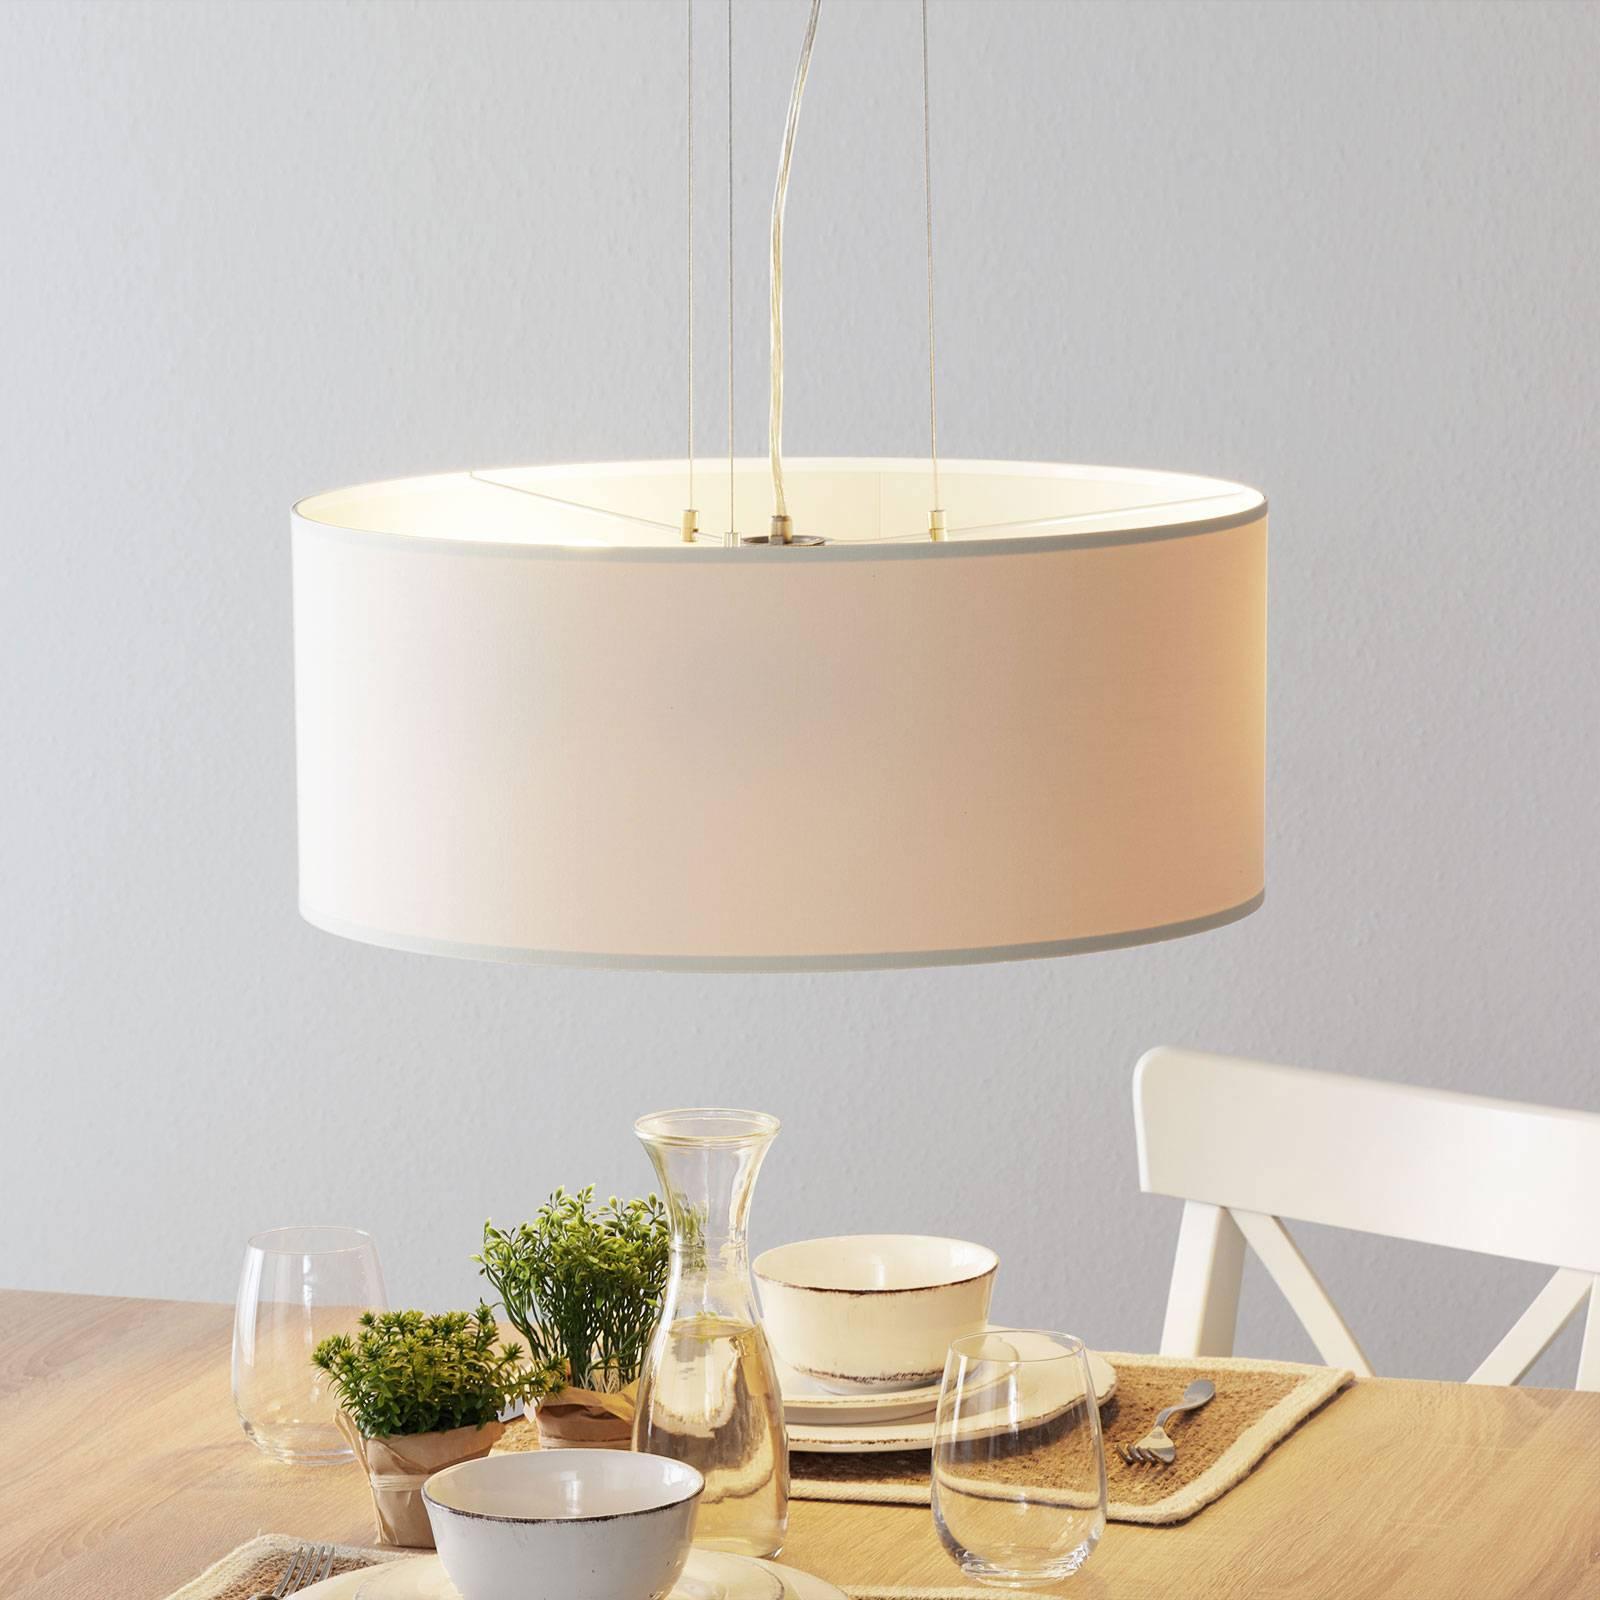 Lucande Patrik lampa wisząca Ø53cm kremowa